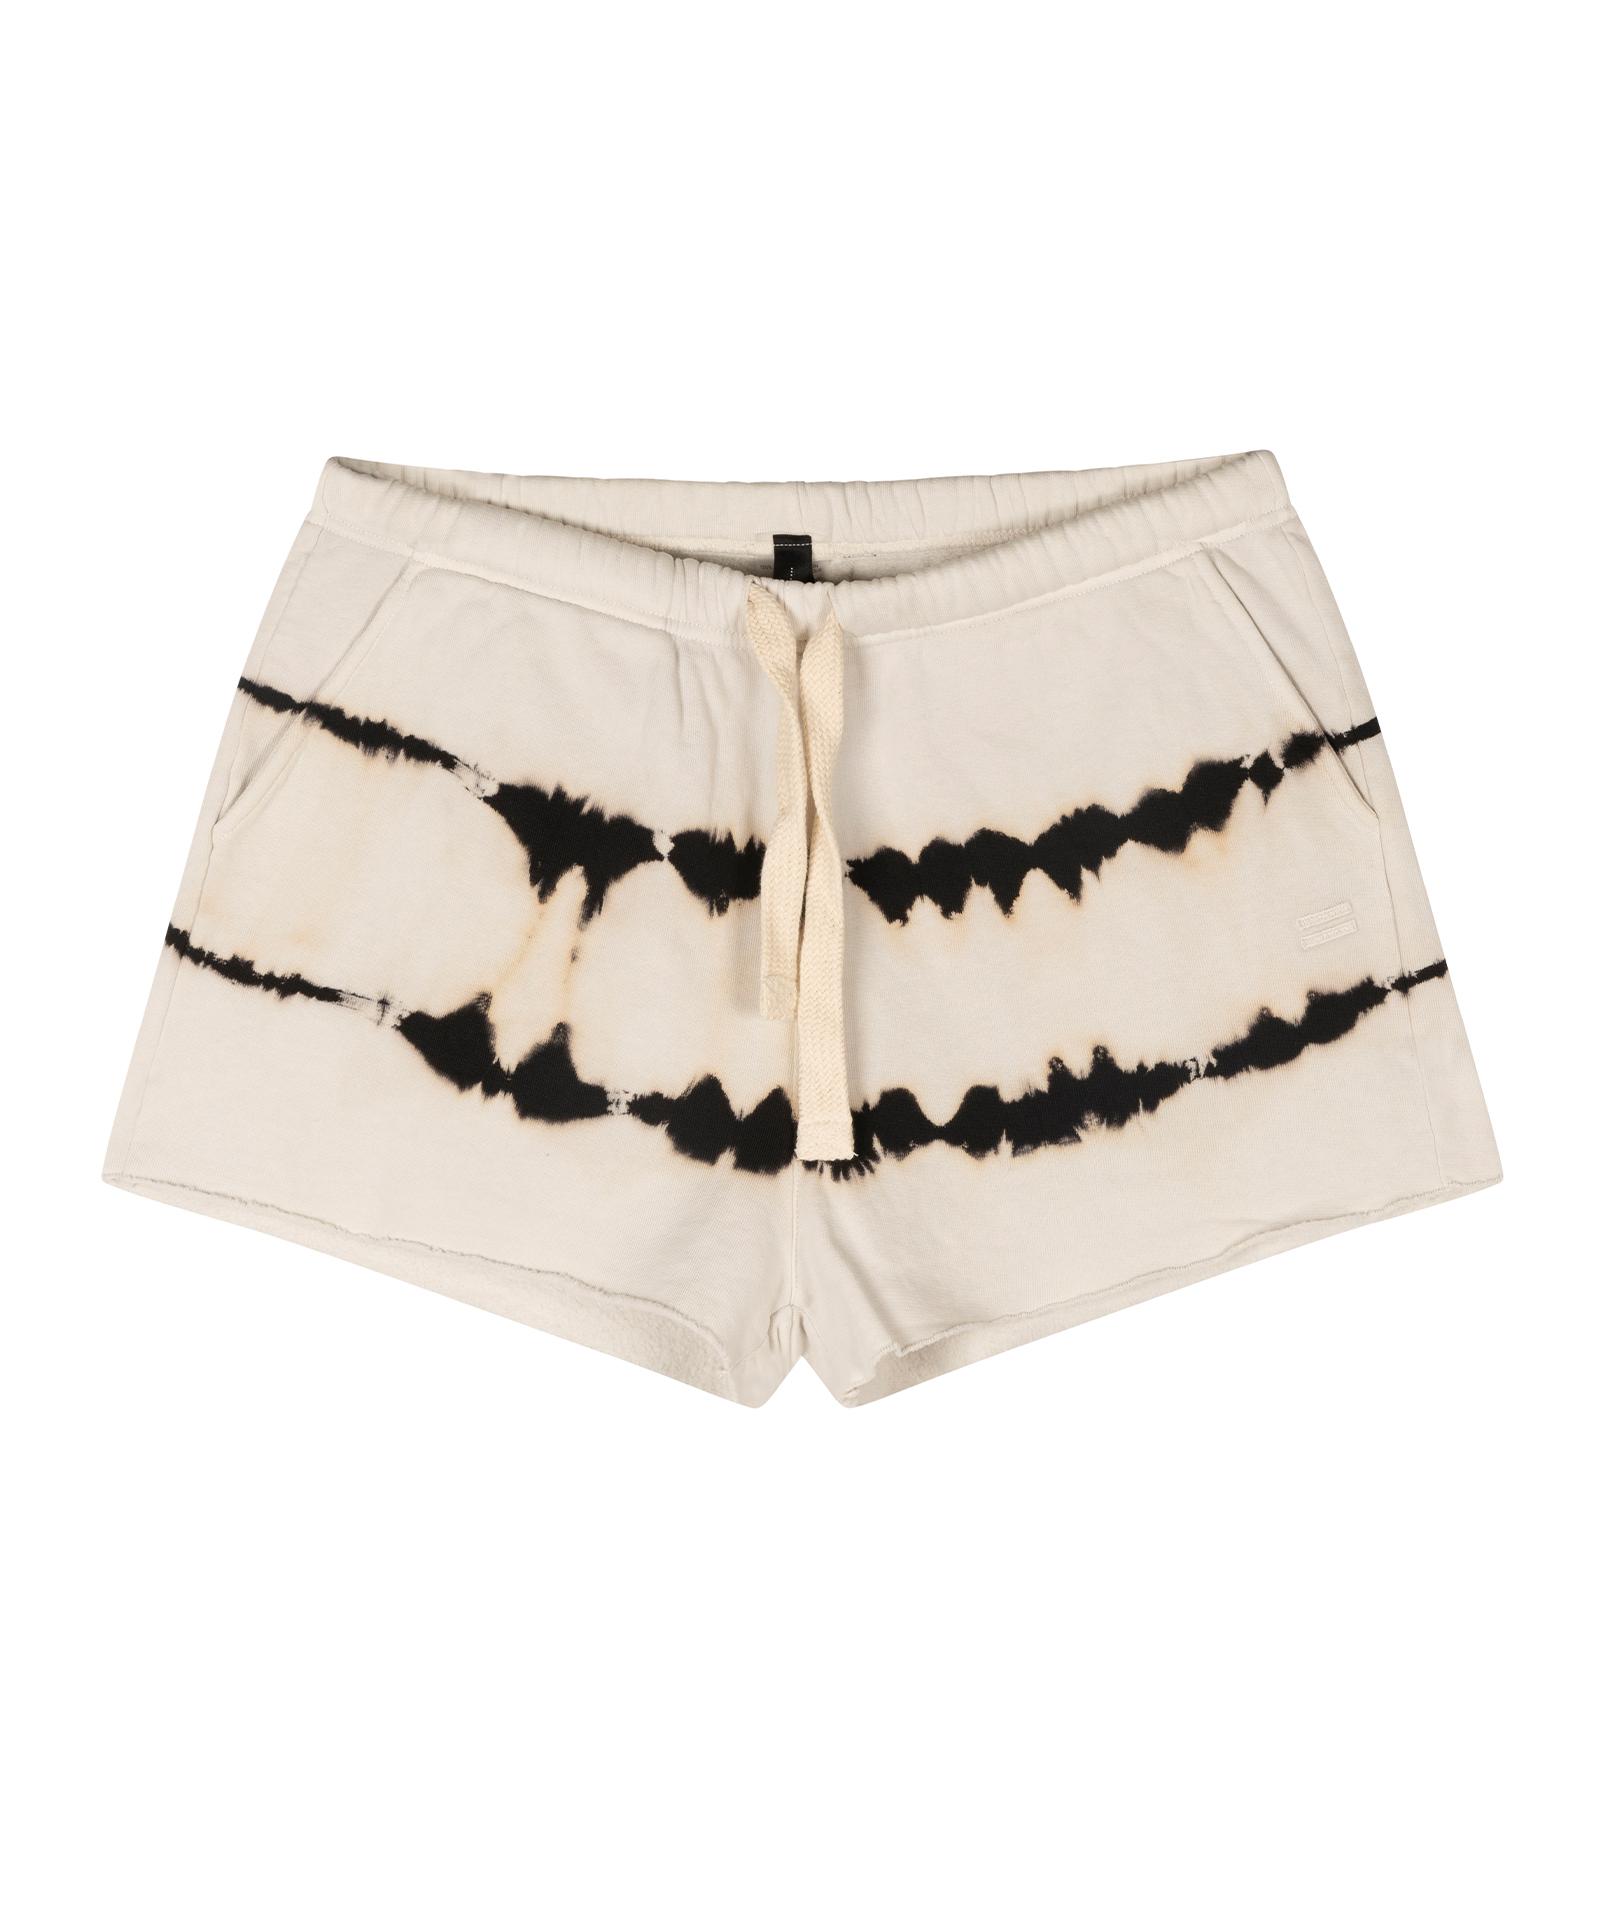 Shorts Tie Dye - Silver white